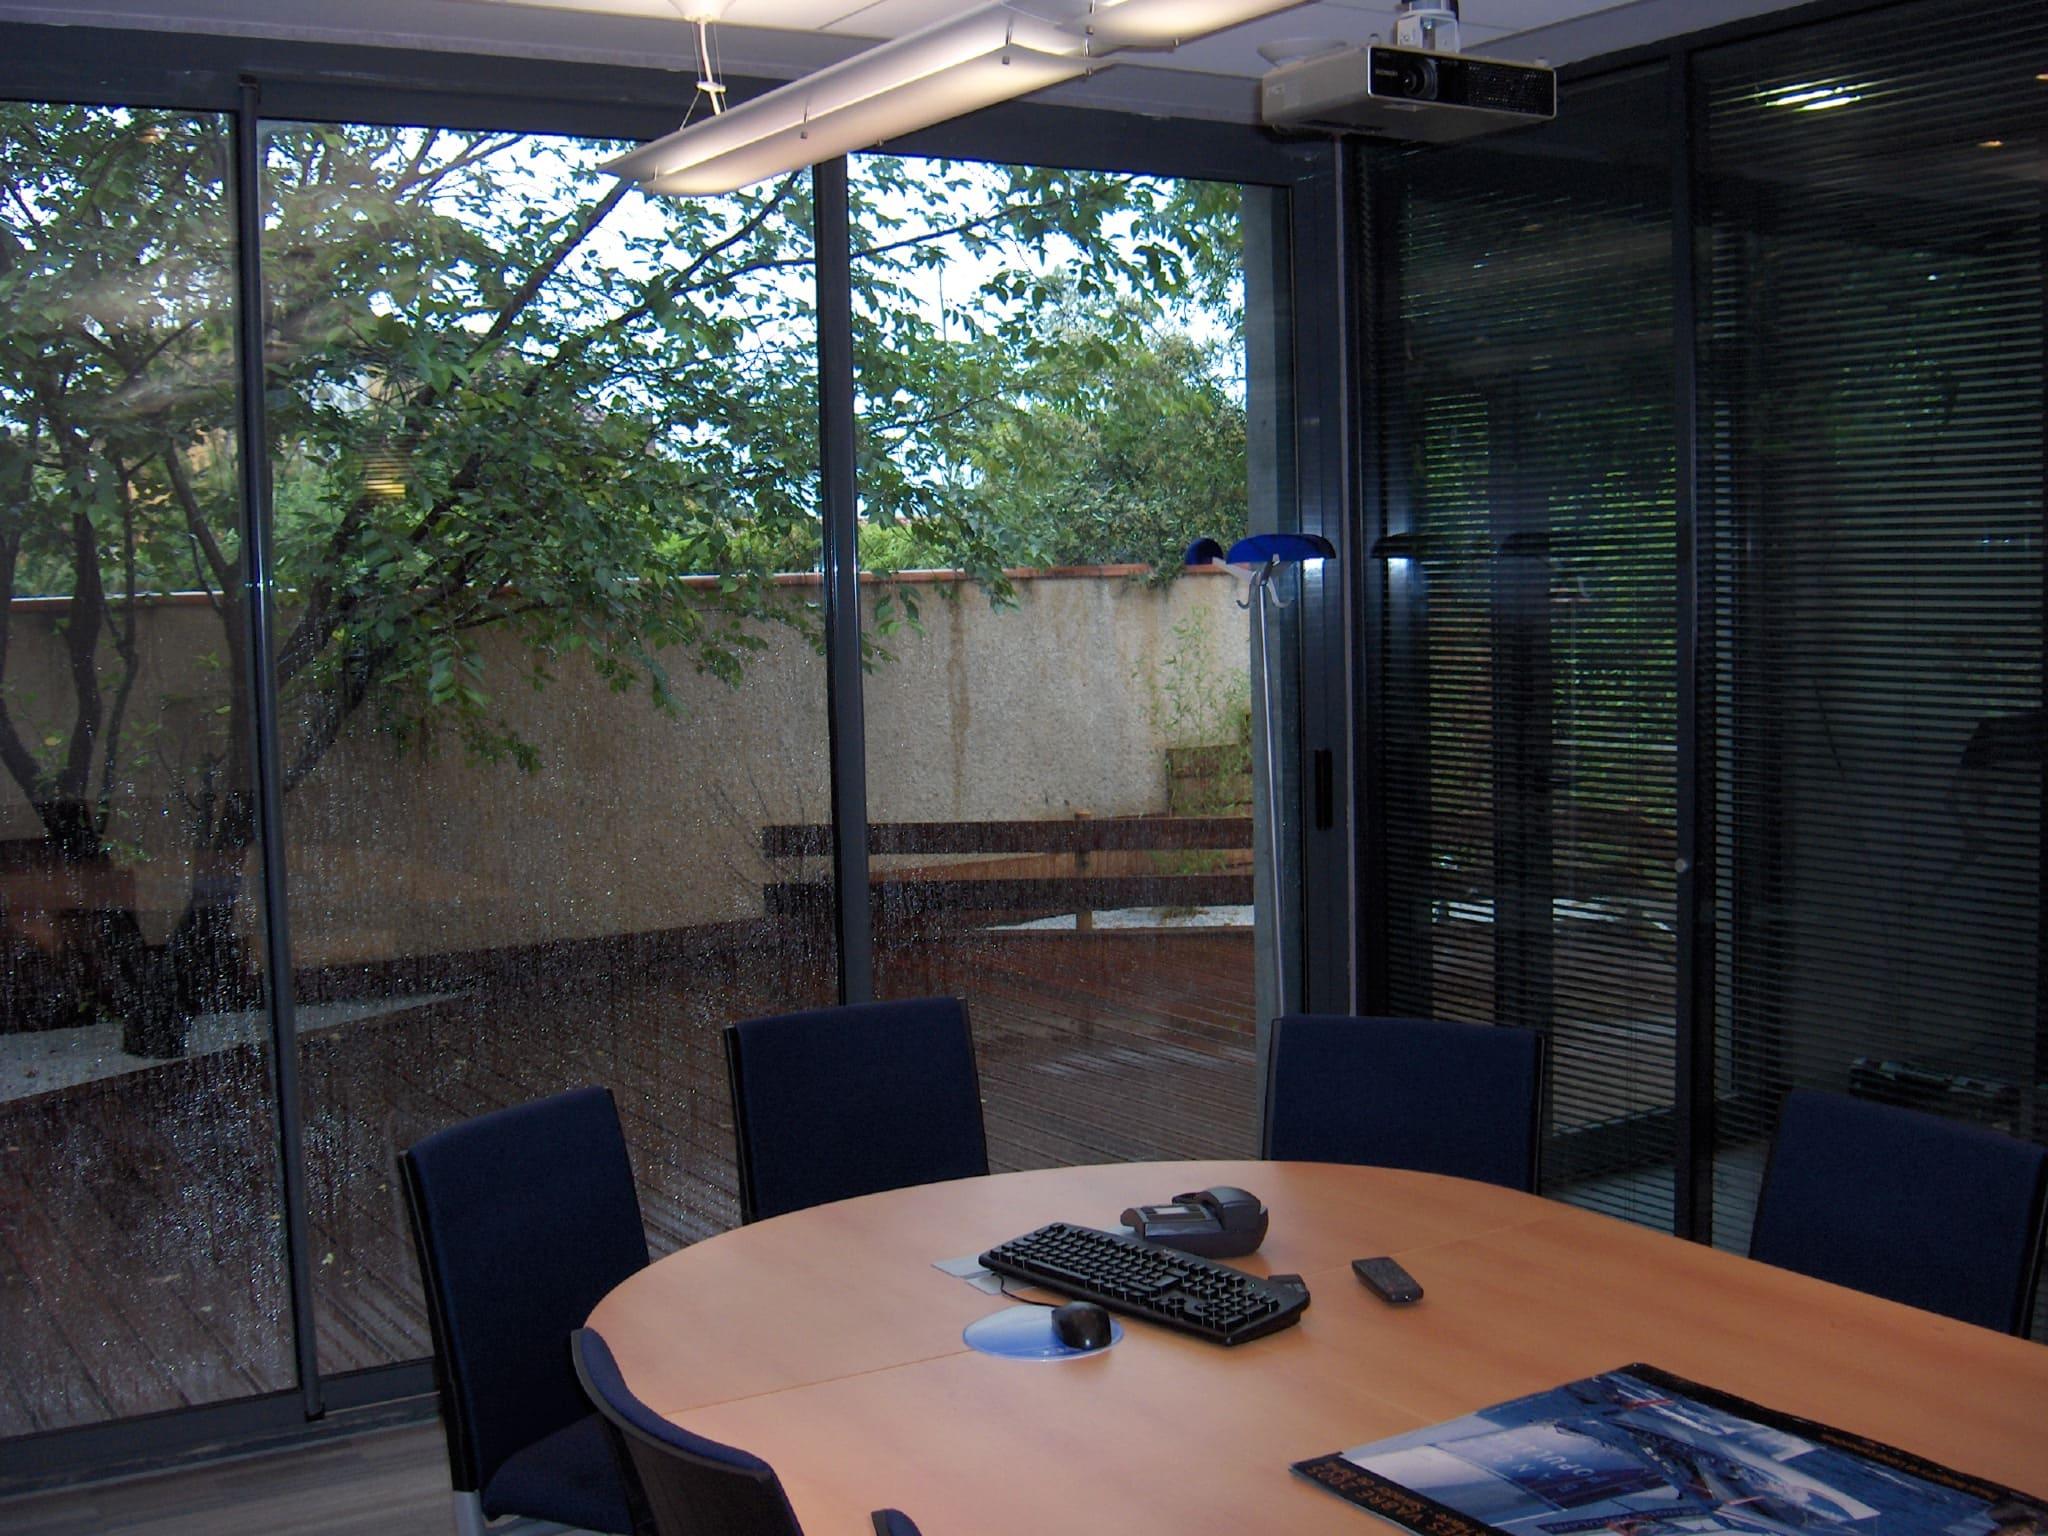 Salle de réunion de la Banque Populaire de St-Juéry agencé par SAFRA Agencement